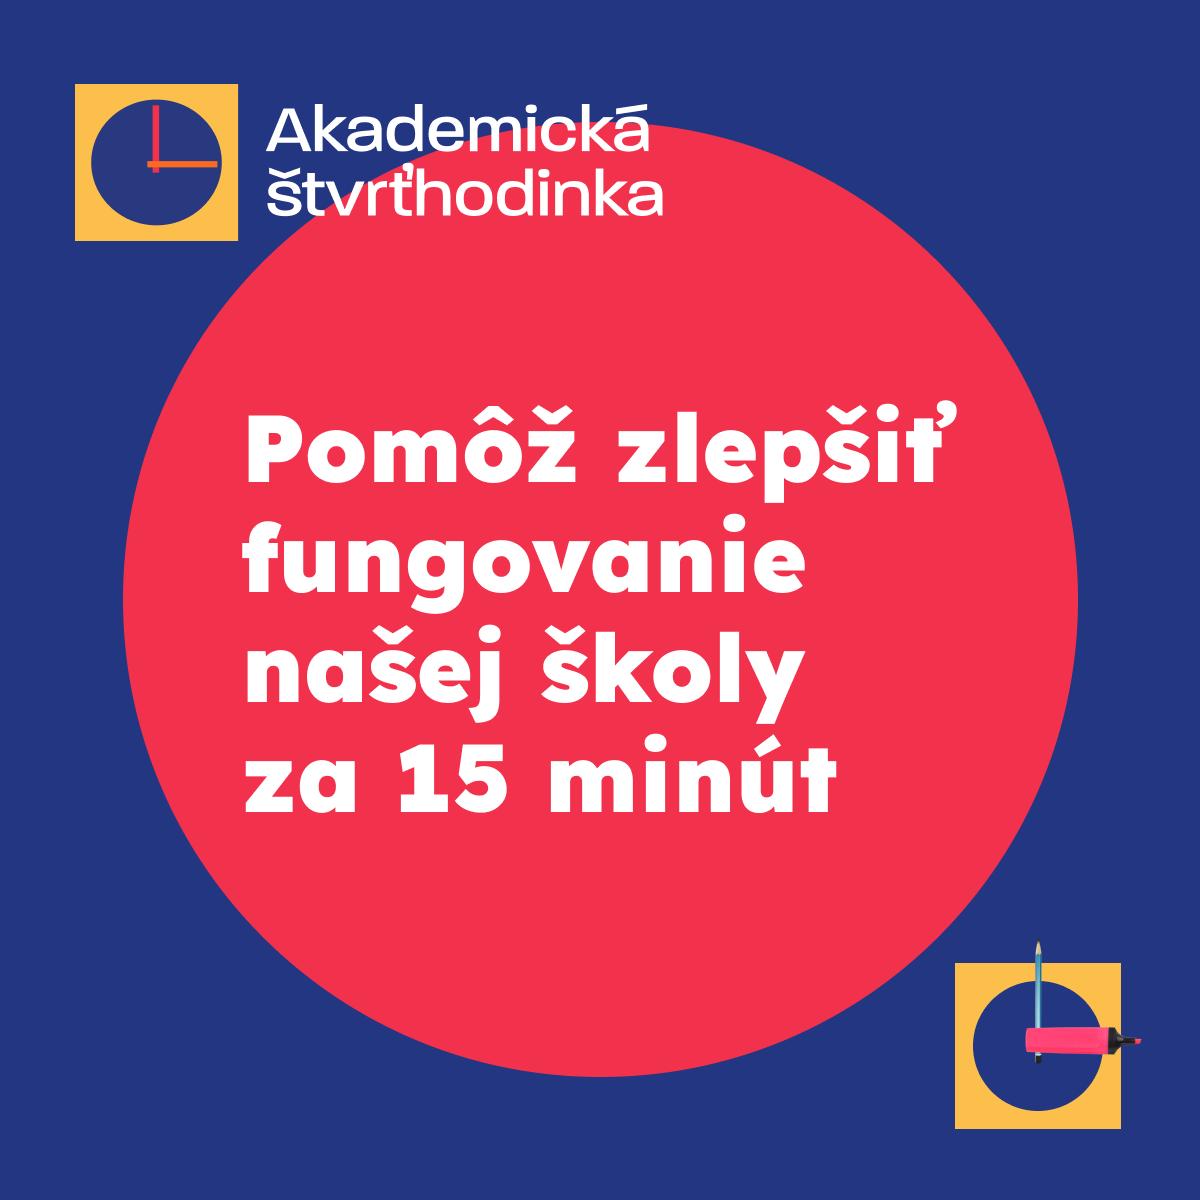 Akademická štvrťhodinka začína aj na KU v Ružomberku